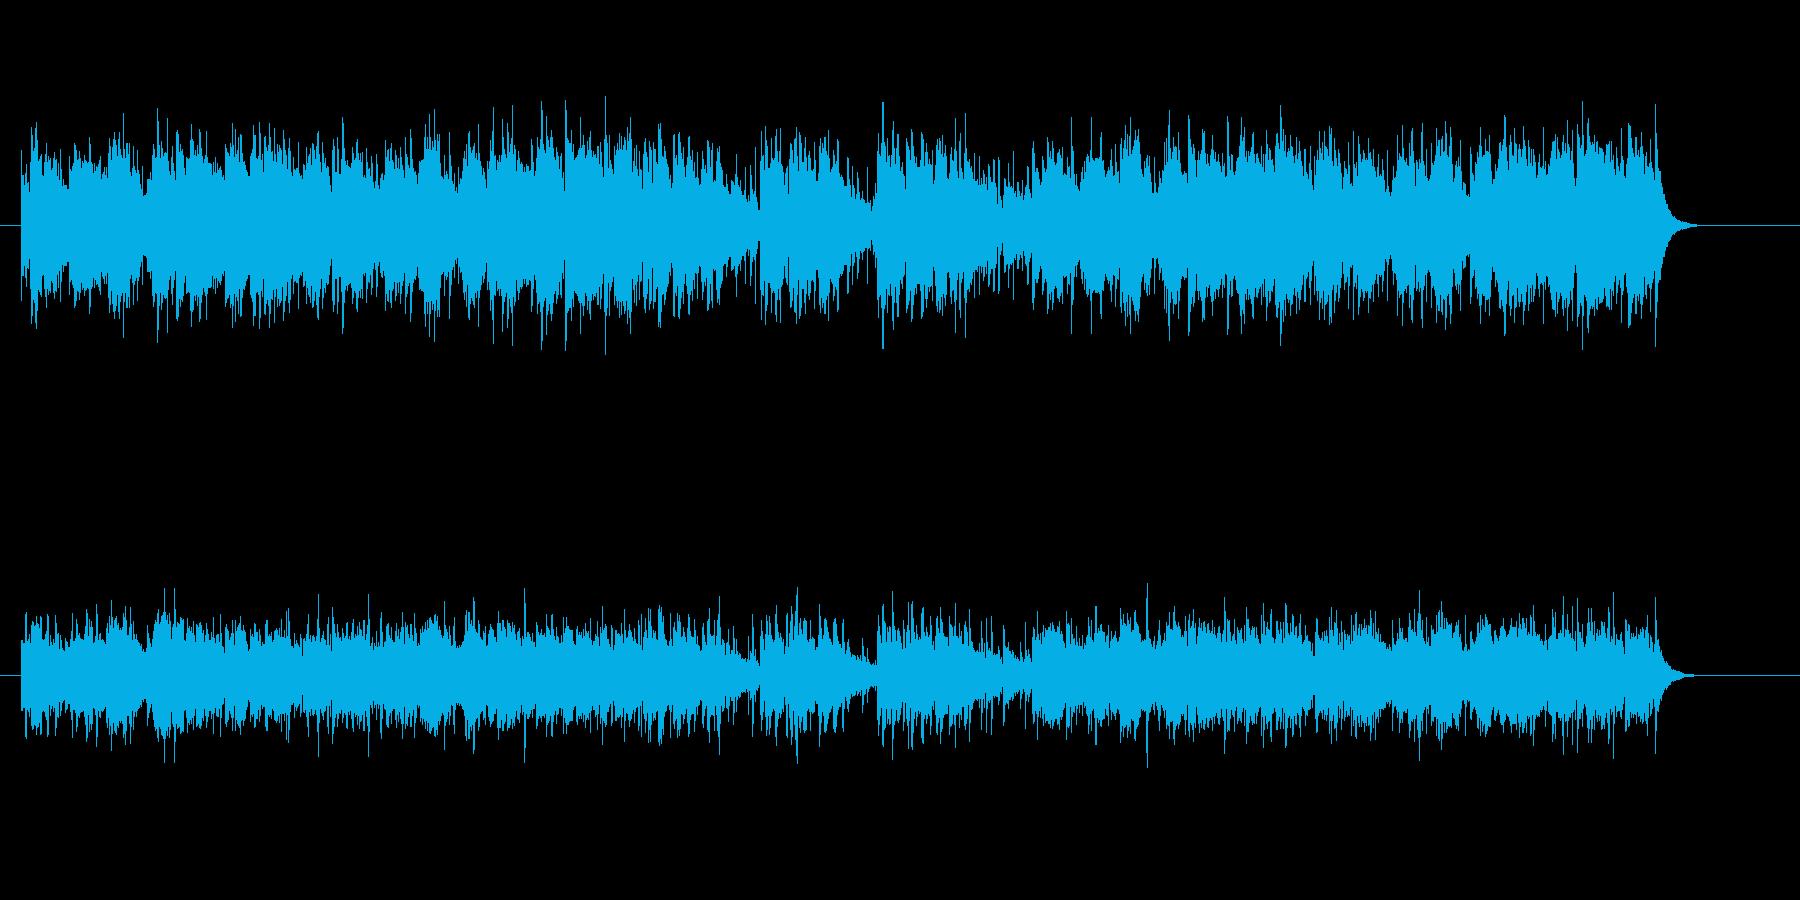 納涼民族音楽風の再生済みの波形